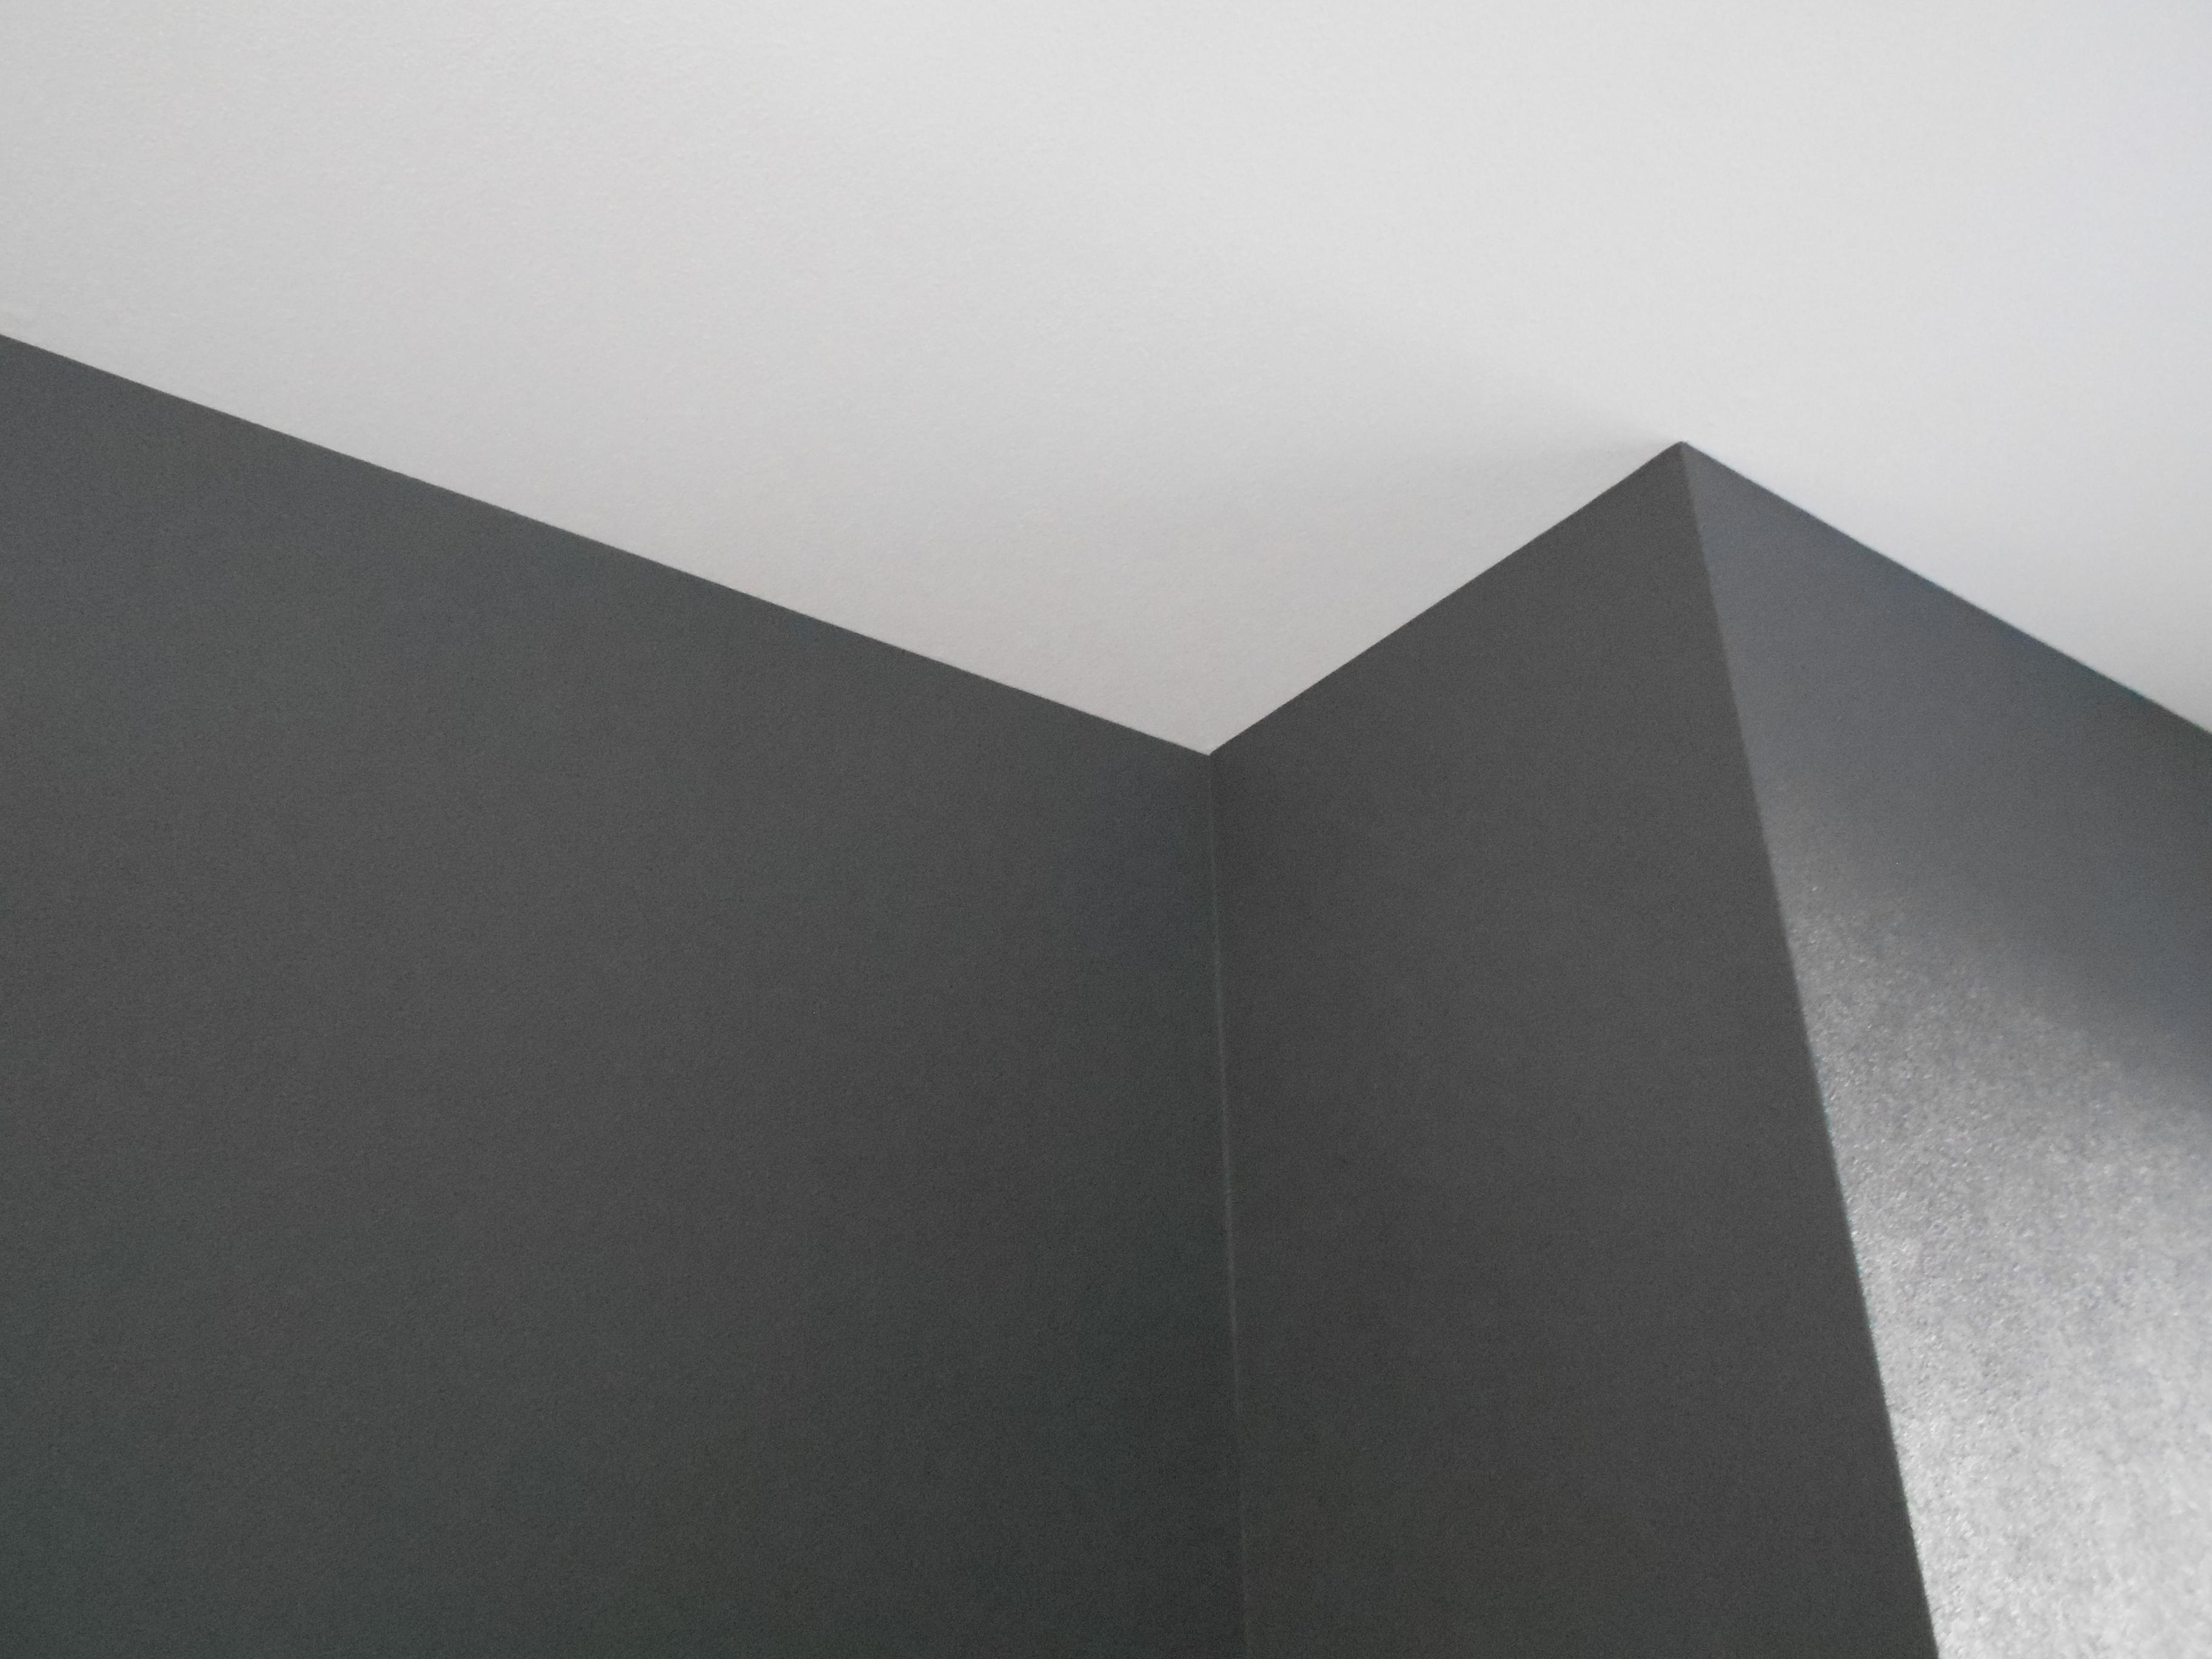 クロスの施工事例画像5